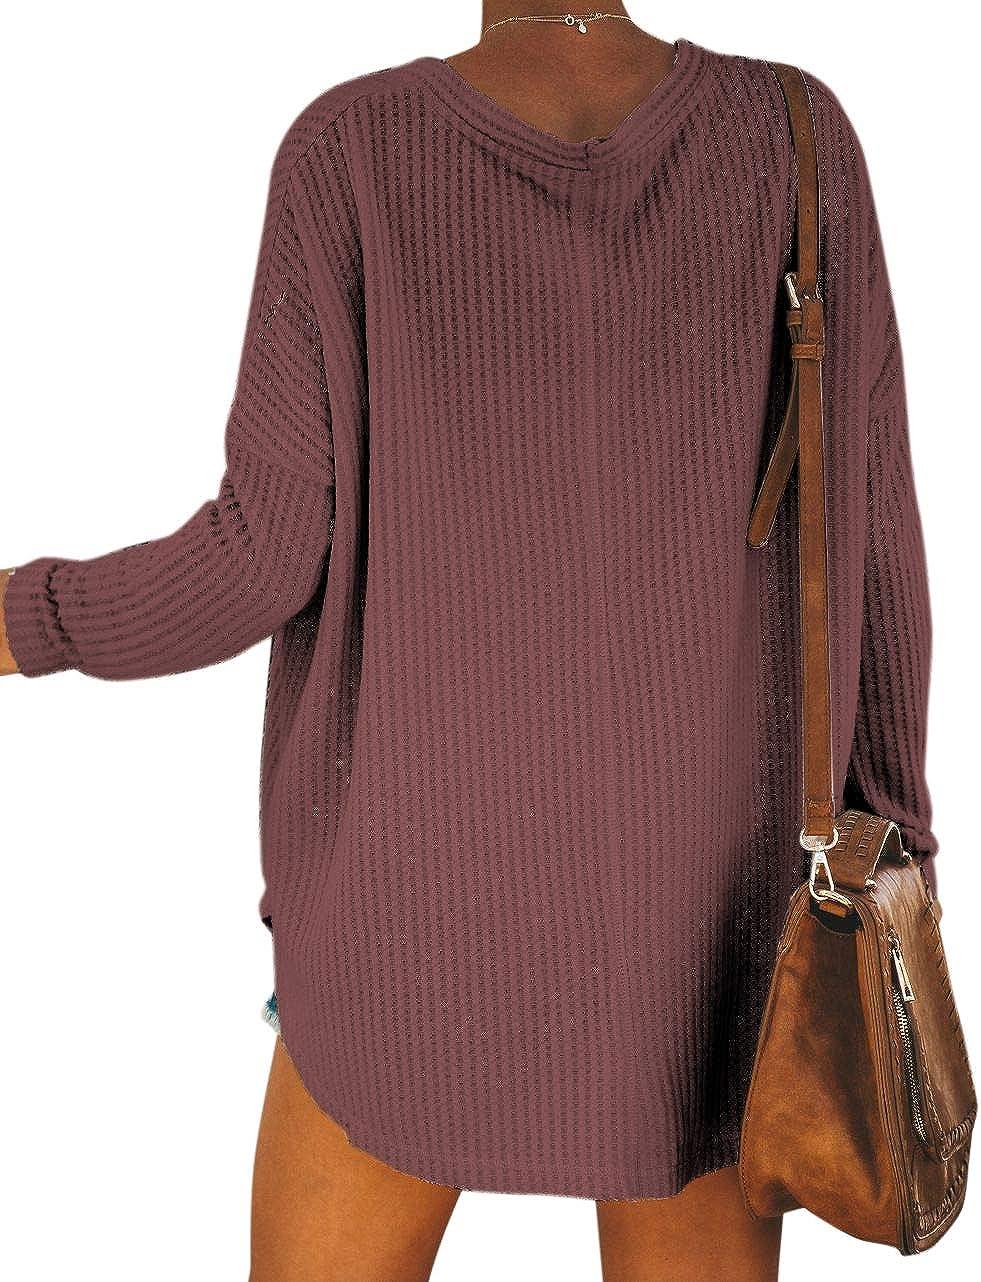 YOINS Maglione Donna V-Collo Cardigan Allentata Maglia Knitted Pullover Autunno Inverno Manica Lunga con Orlo Irregolare Top Lavorato